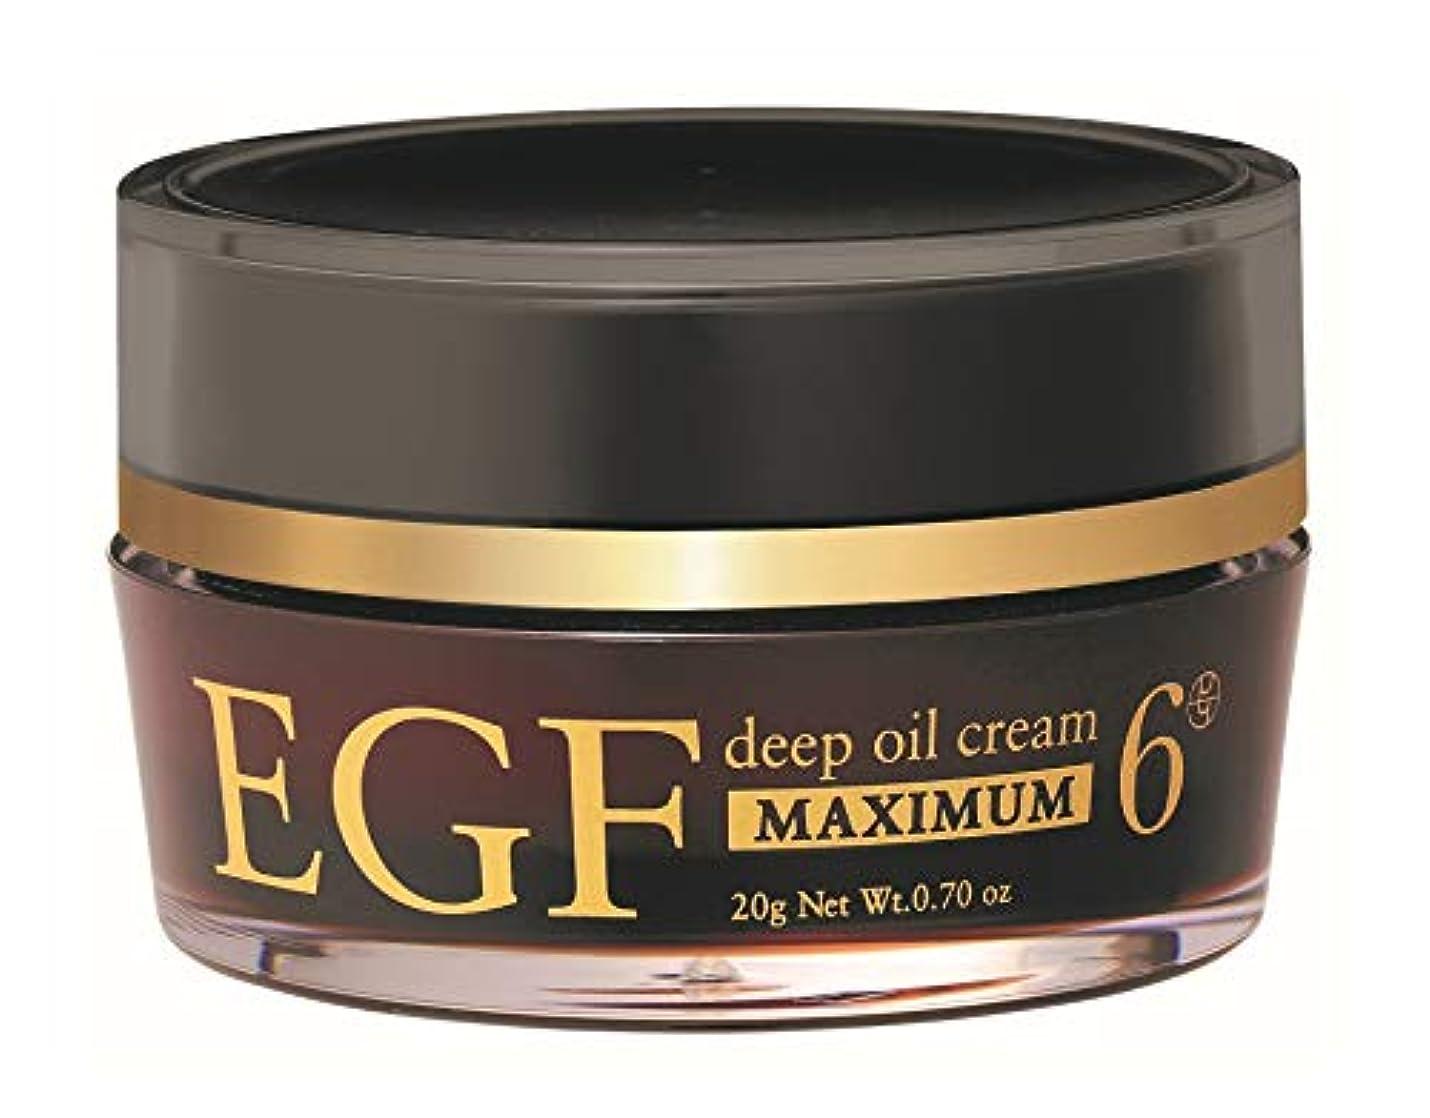 筋費用居眠りするEGF ディープオイルクリーム マキシマム [ 20g / 濃度6μグラム ] エイジングケア 浸透型オイルクリーム (高濃度EGFクリーム) 日本製